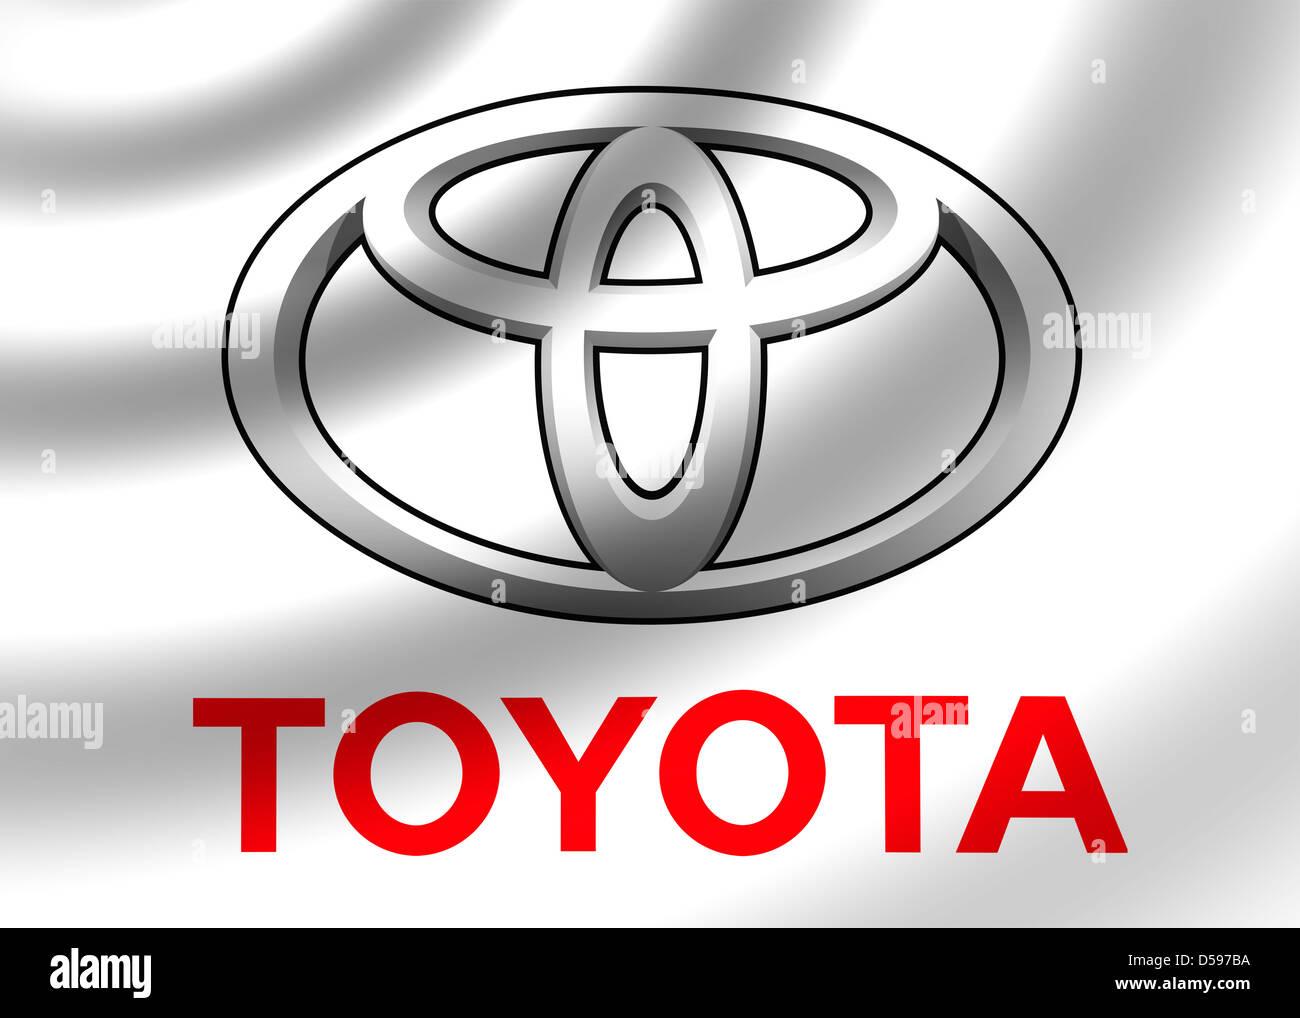 Toyota logo symbol icon flag stock photo 54907758 alamy toyota logo symbol icon flag buycottarizona Gallery